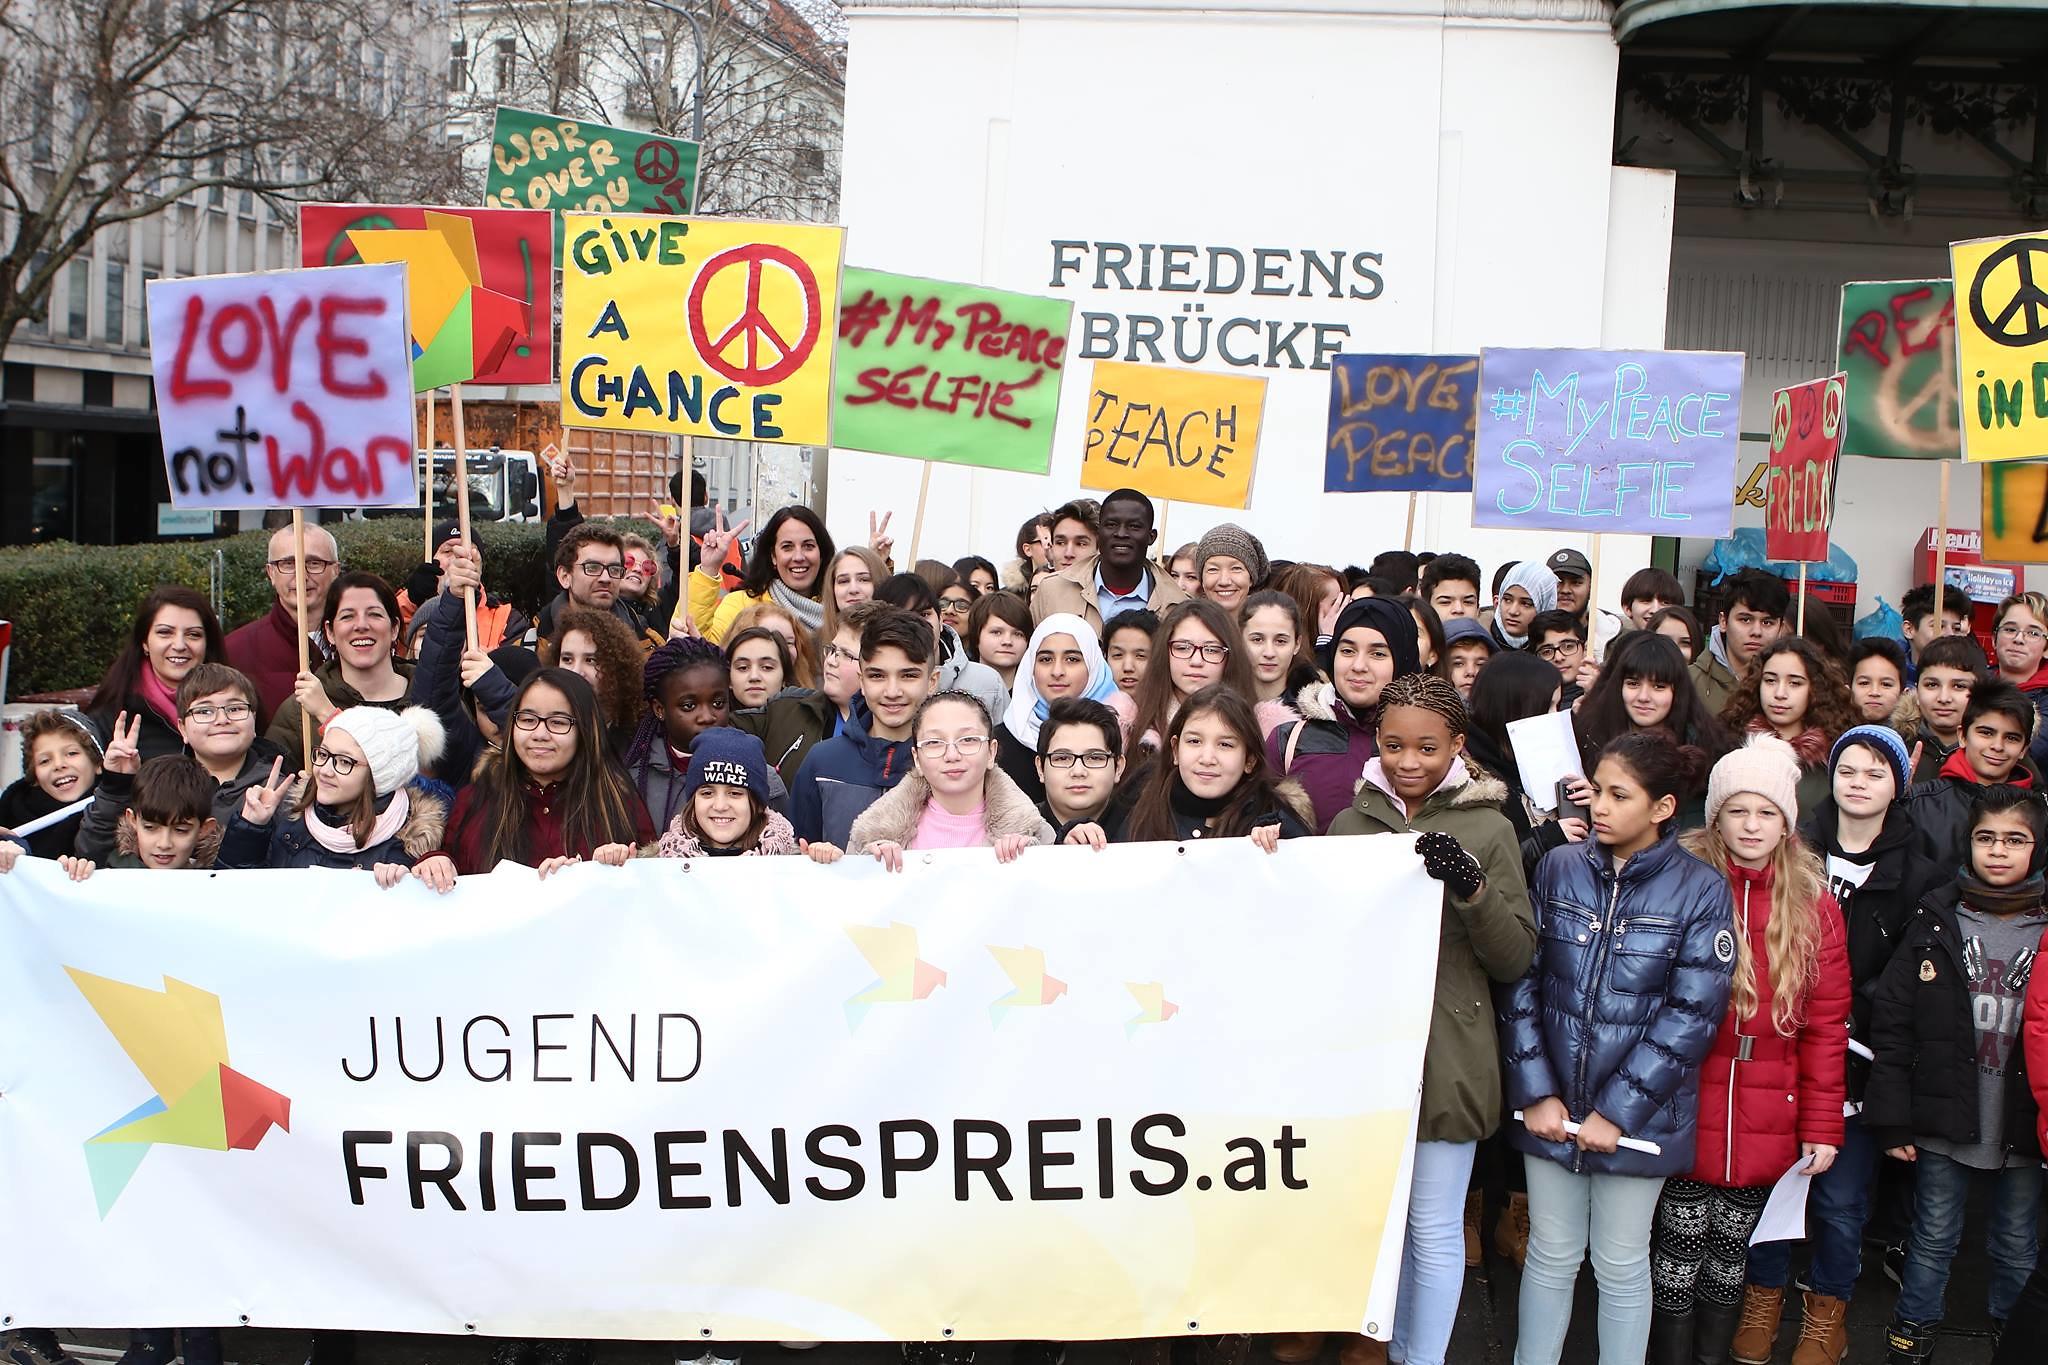 friedensbruecke_friedenspreis2017